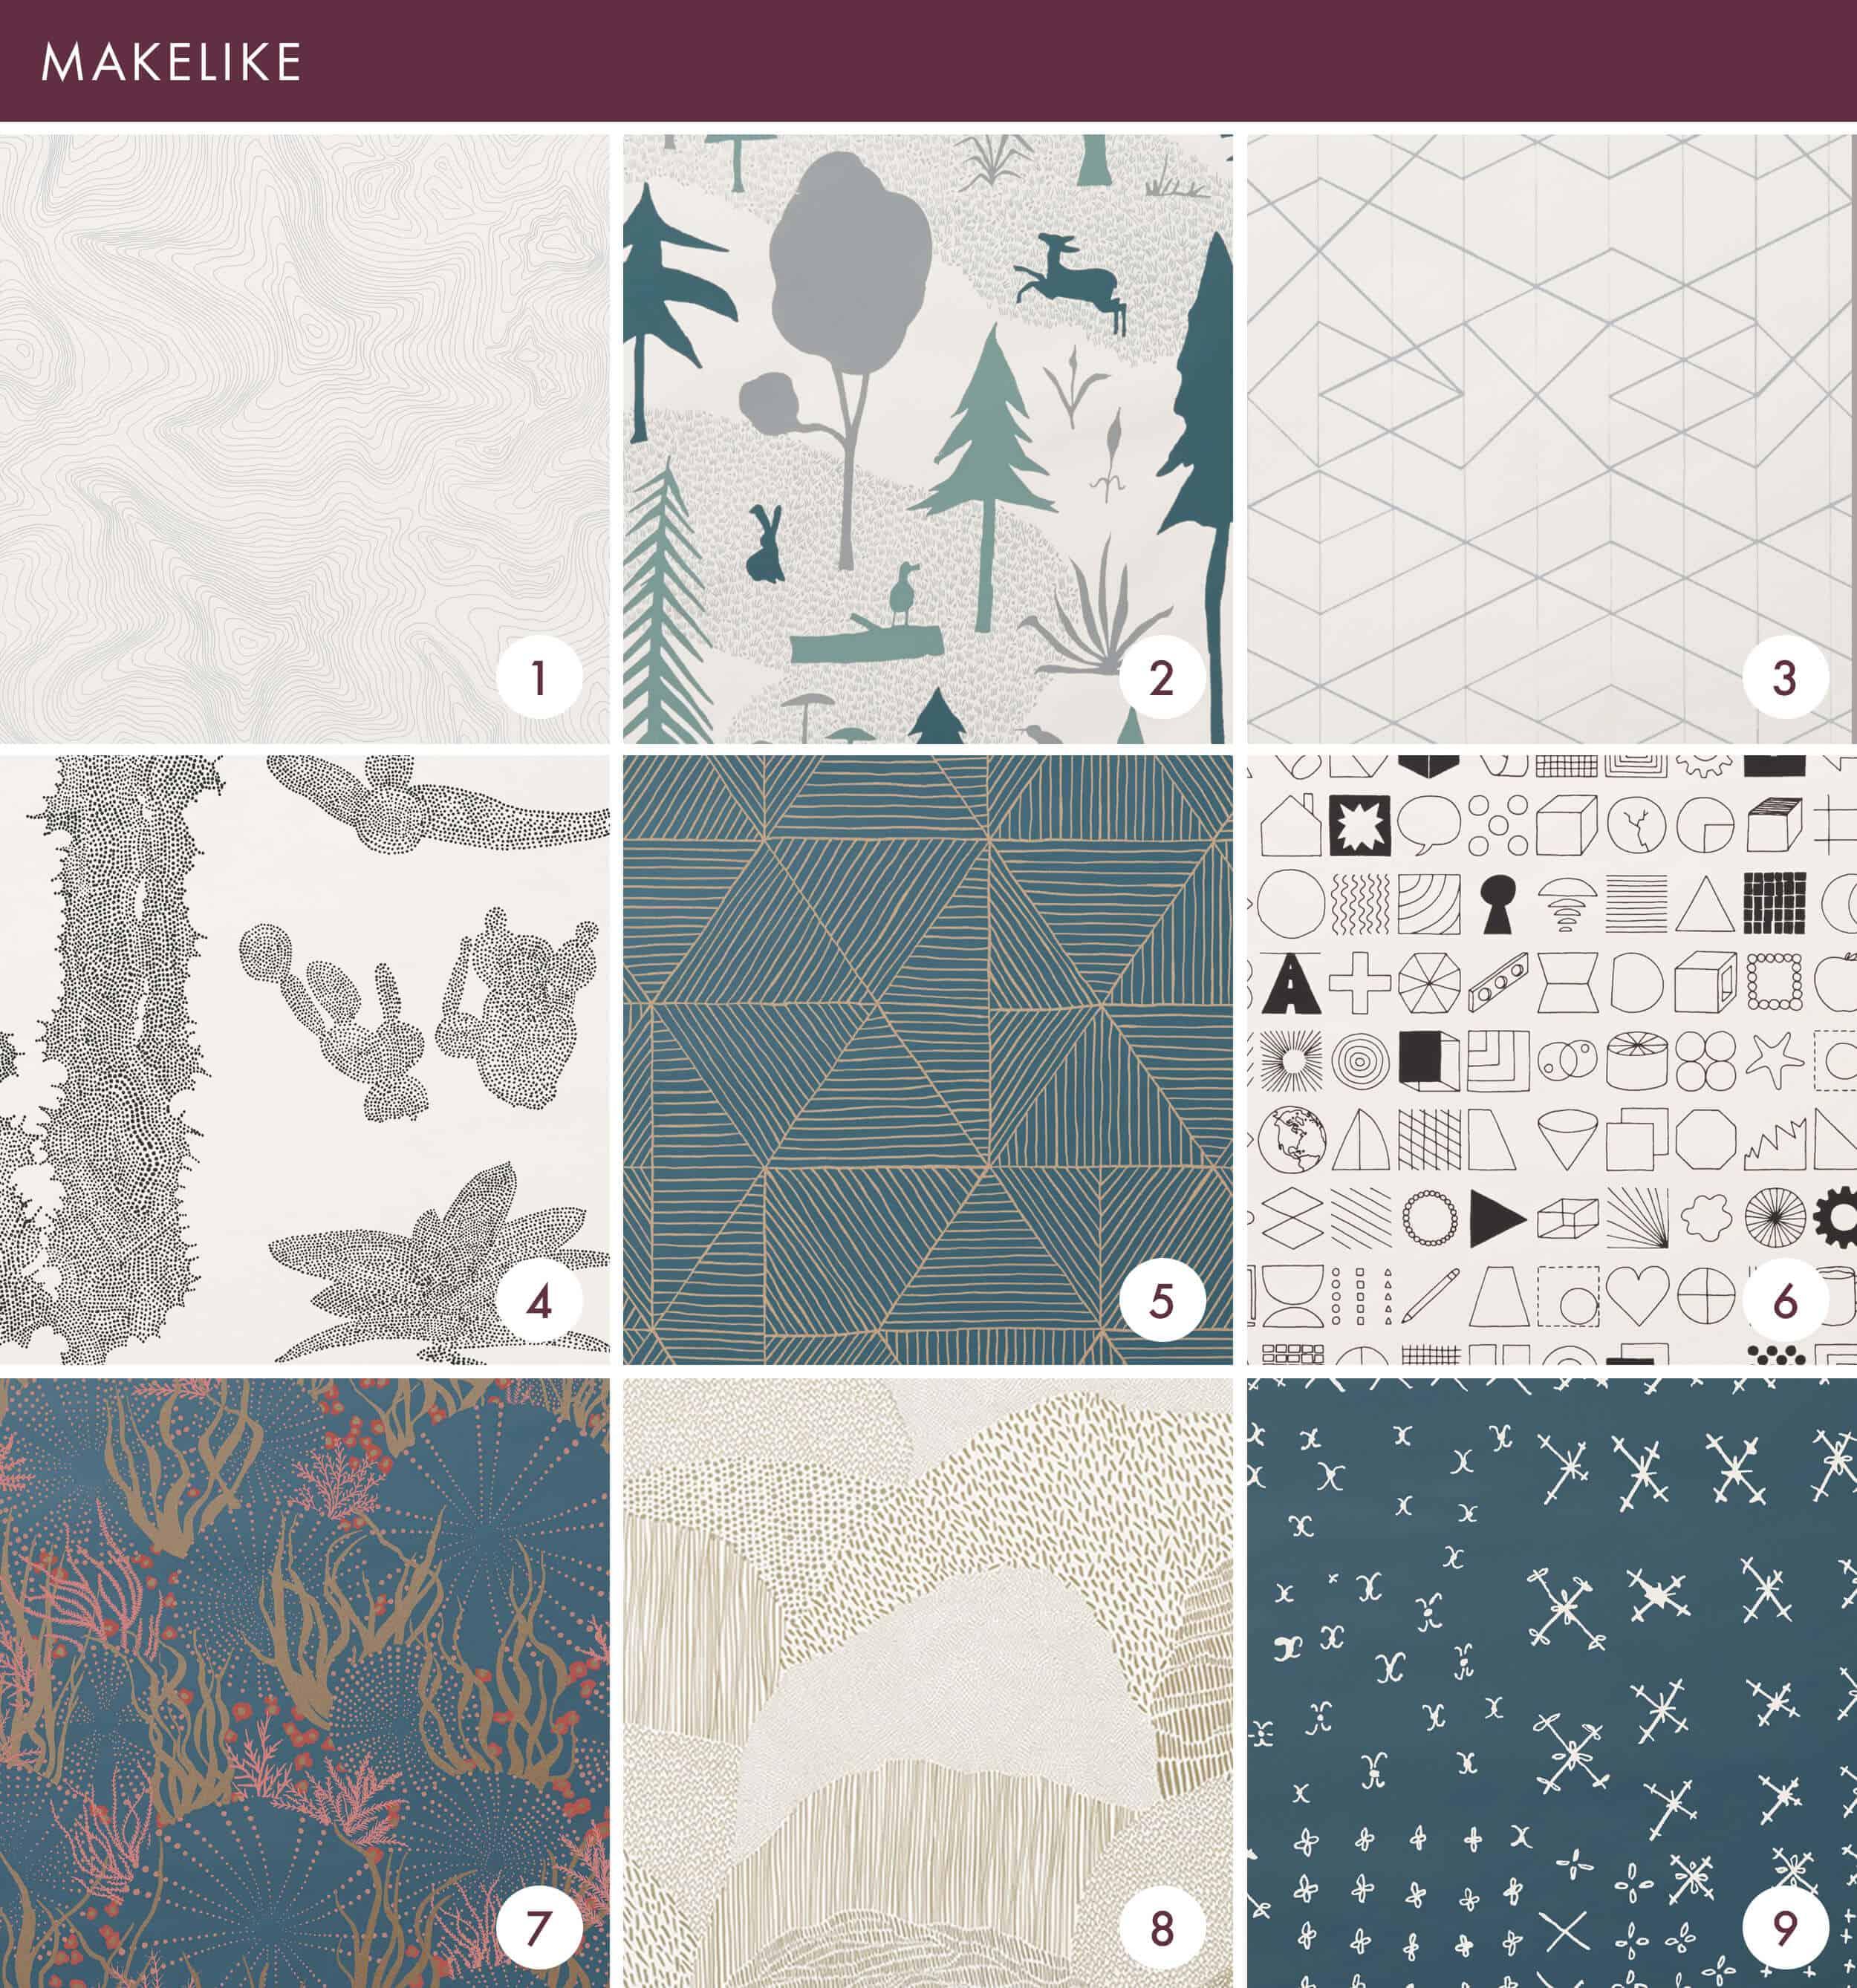 Emily Henderson Online Wallpaper Roundup Makelike